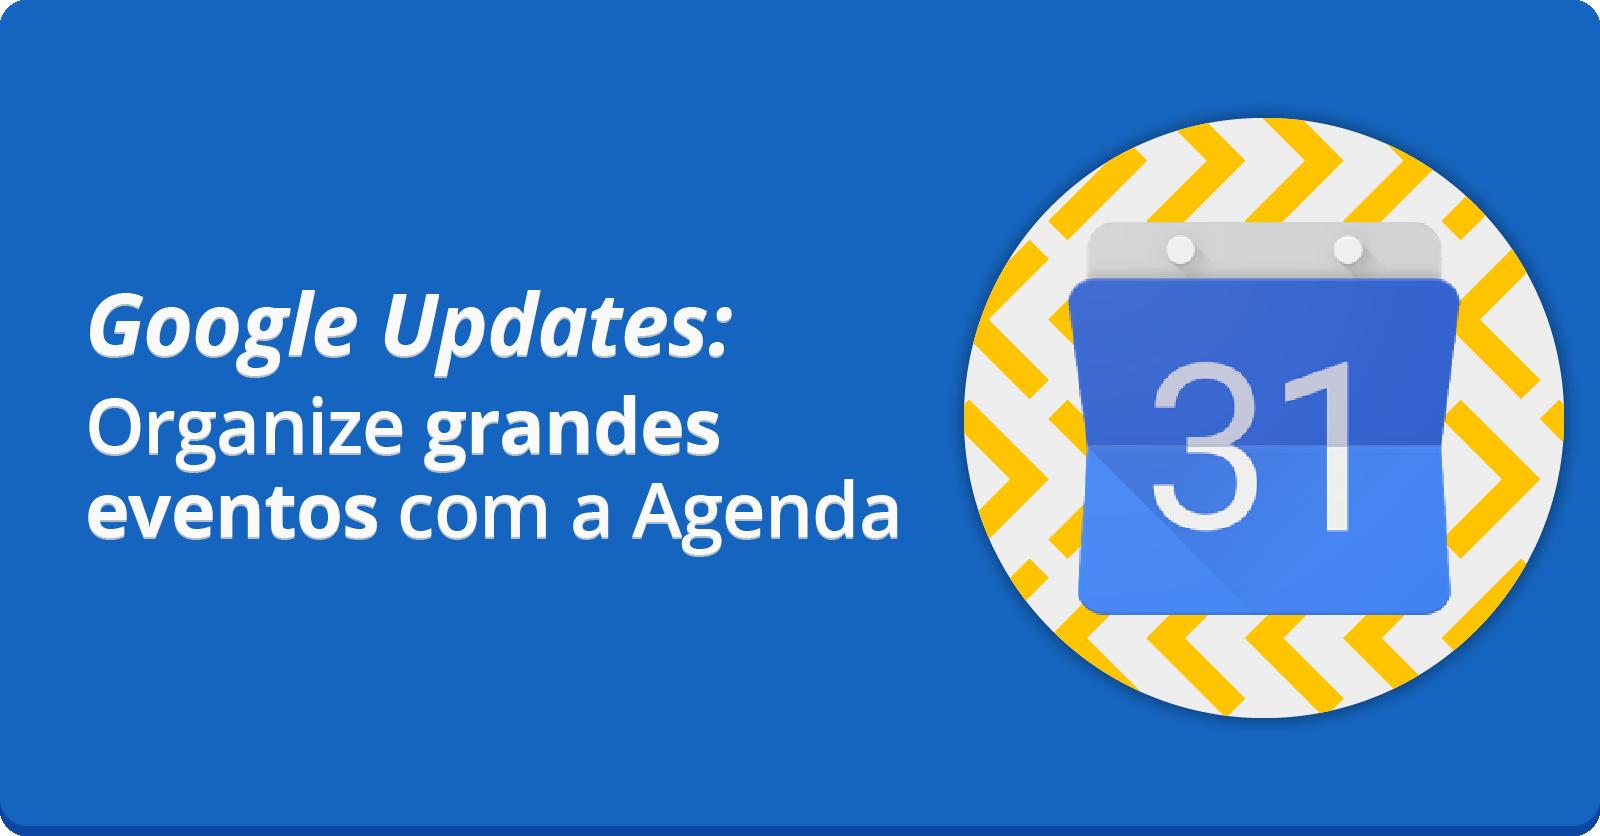 Crie eventos de até 200 pessoas com o Google Agenda